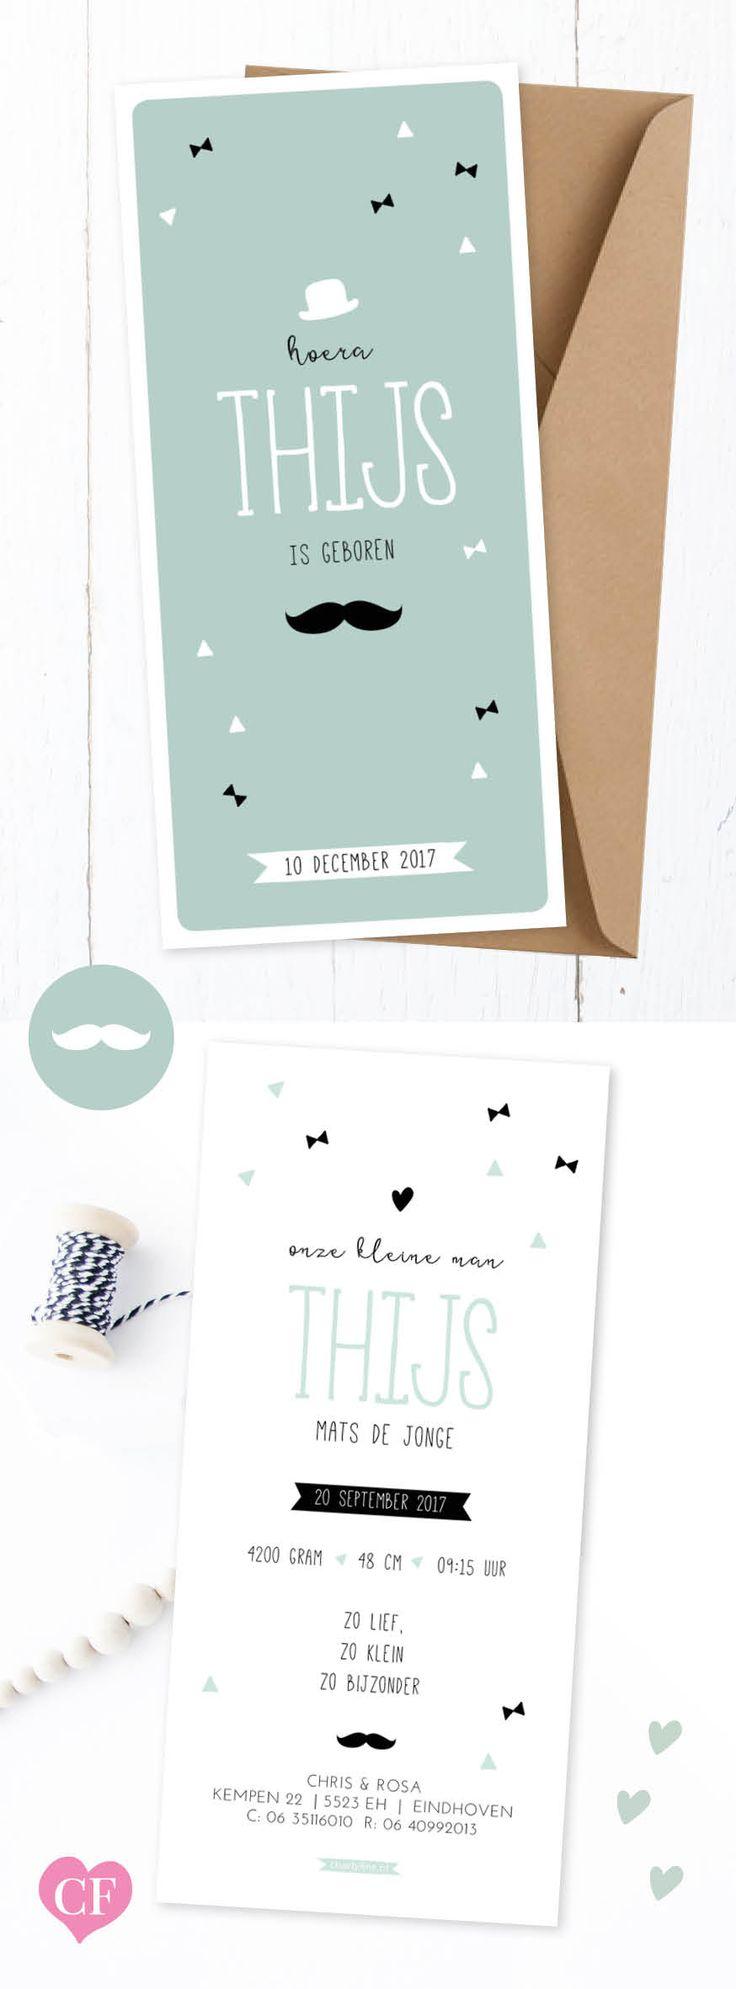 Little moustache geboortekaartje Thijs | stoer retro kaartje met strikjes en snor | geboortekaartje voor jongens | charlyfine.nl